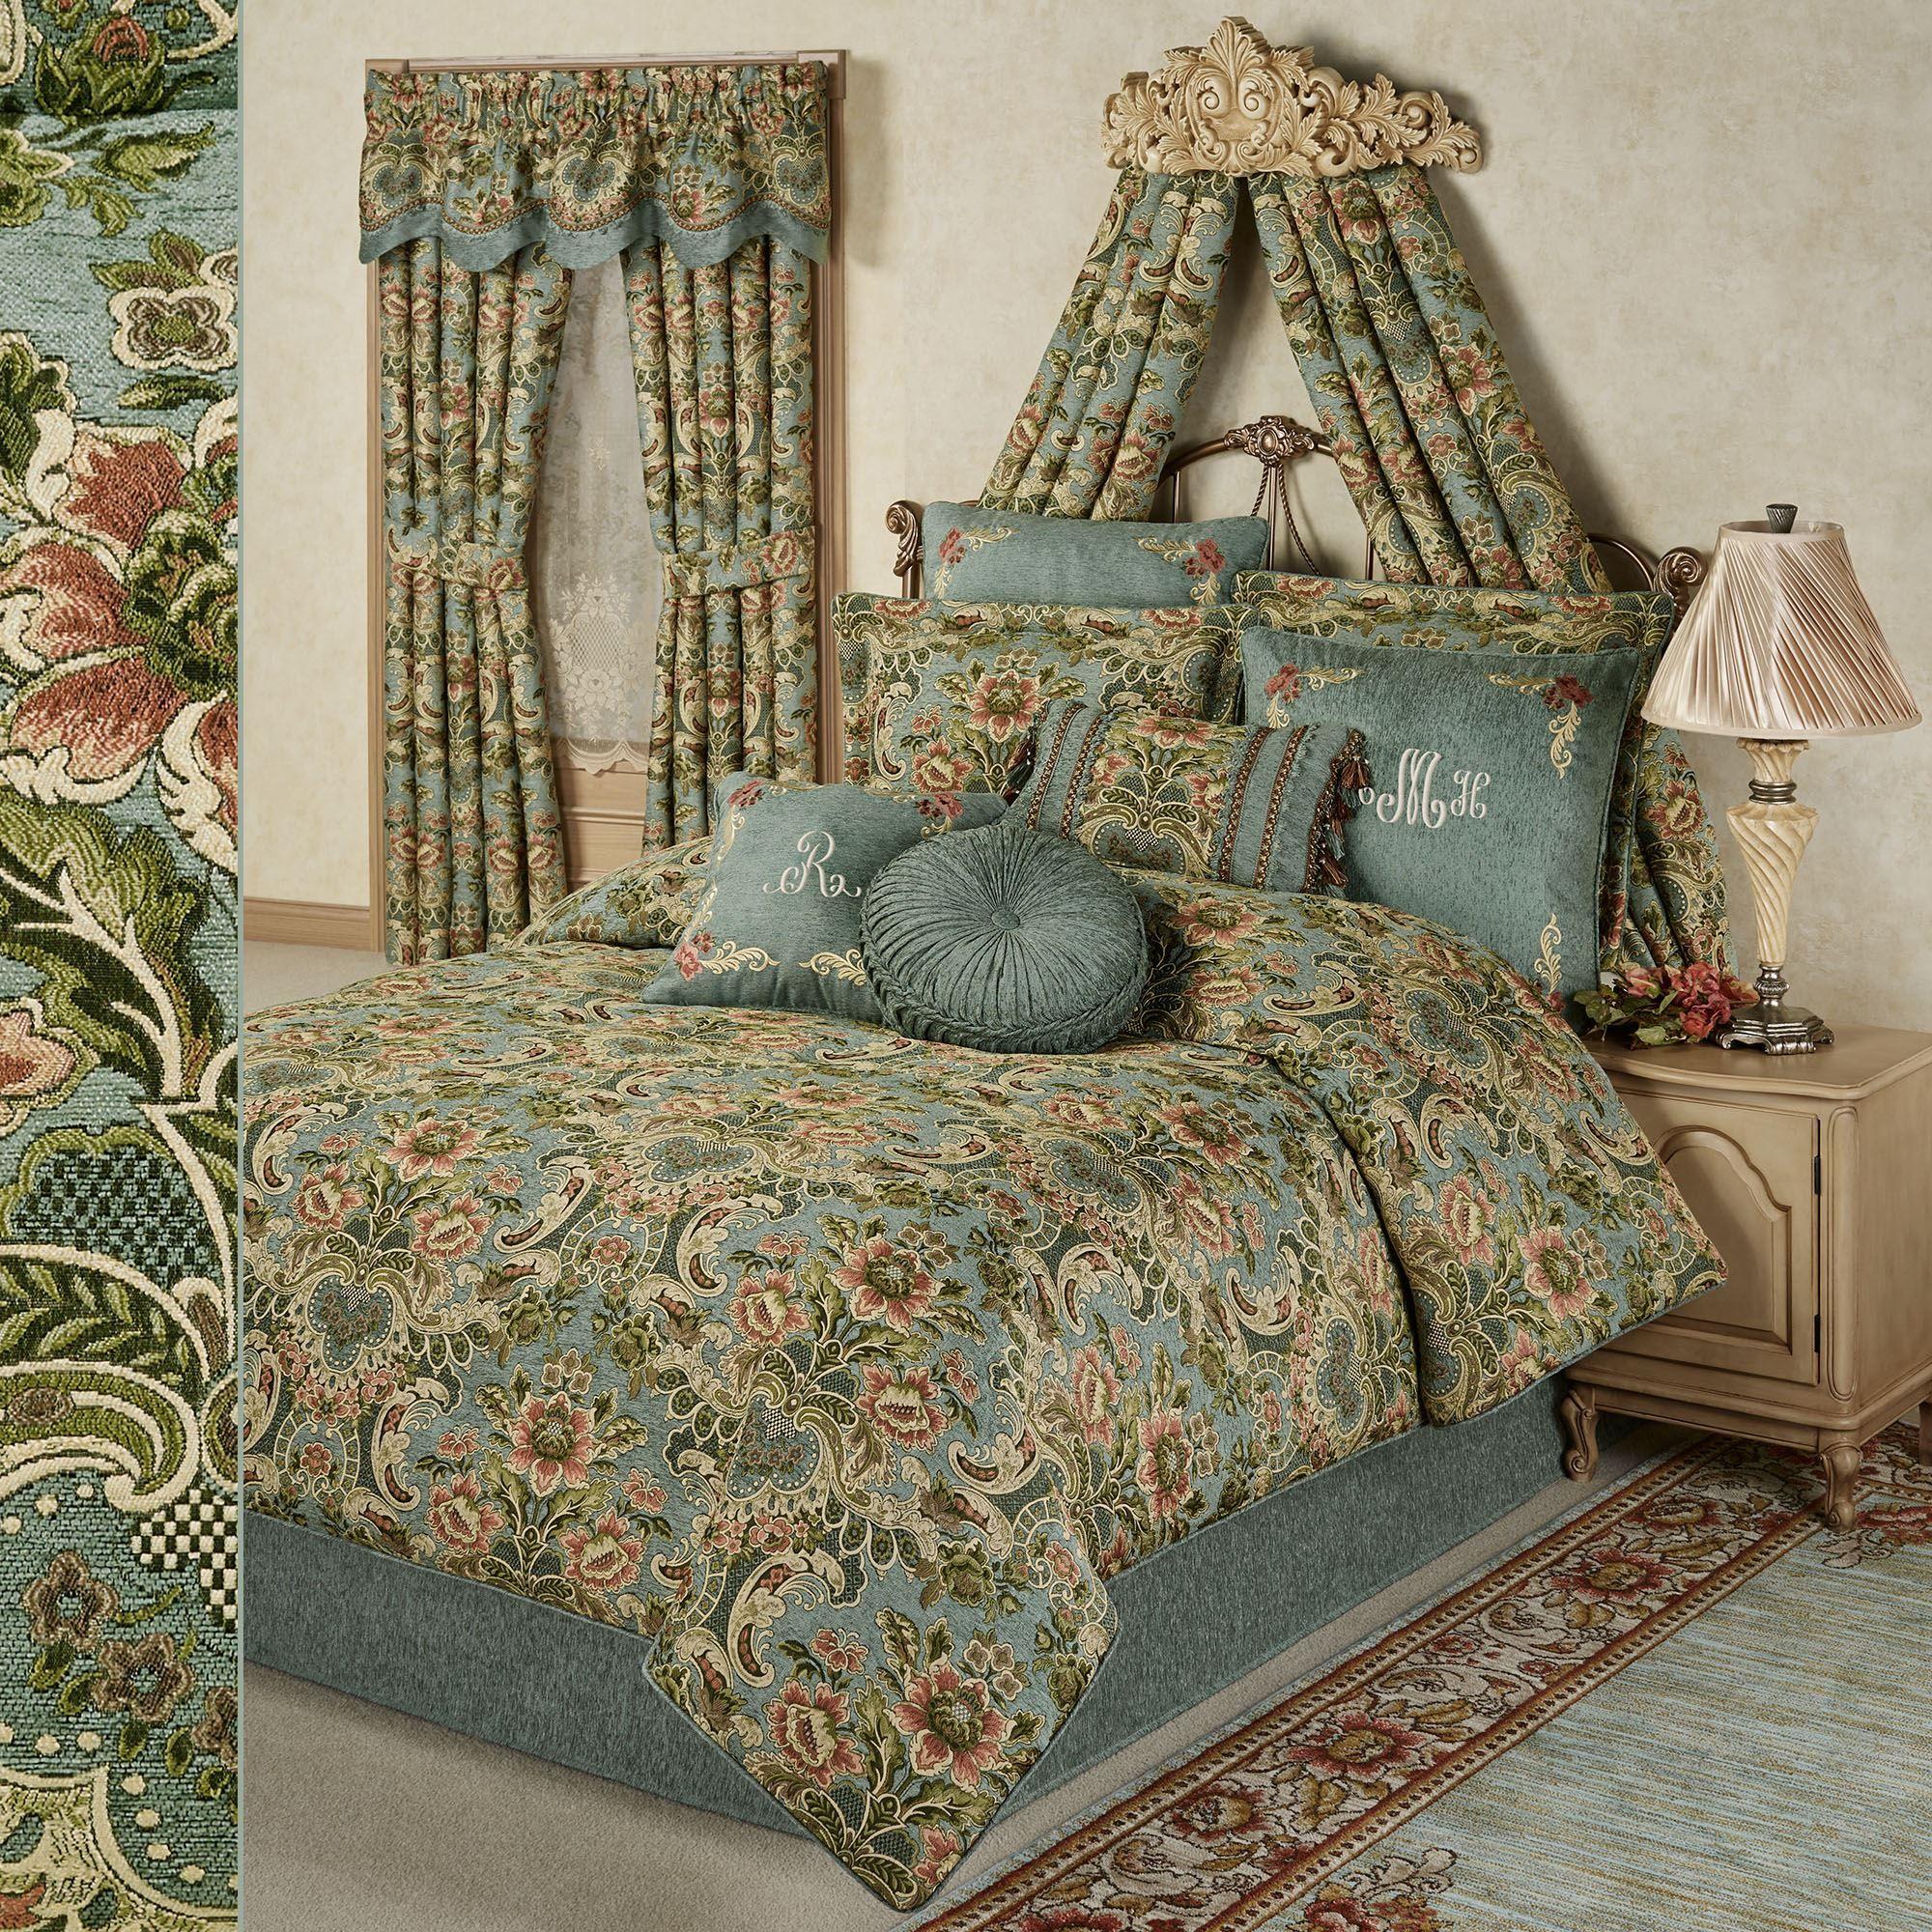 Calais Jacobean Floral Soft Teal Comforter Bedding ...